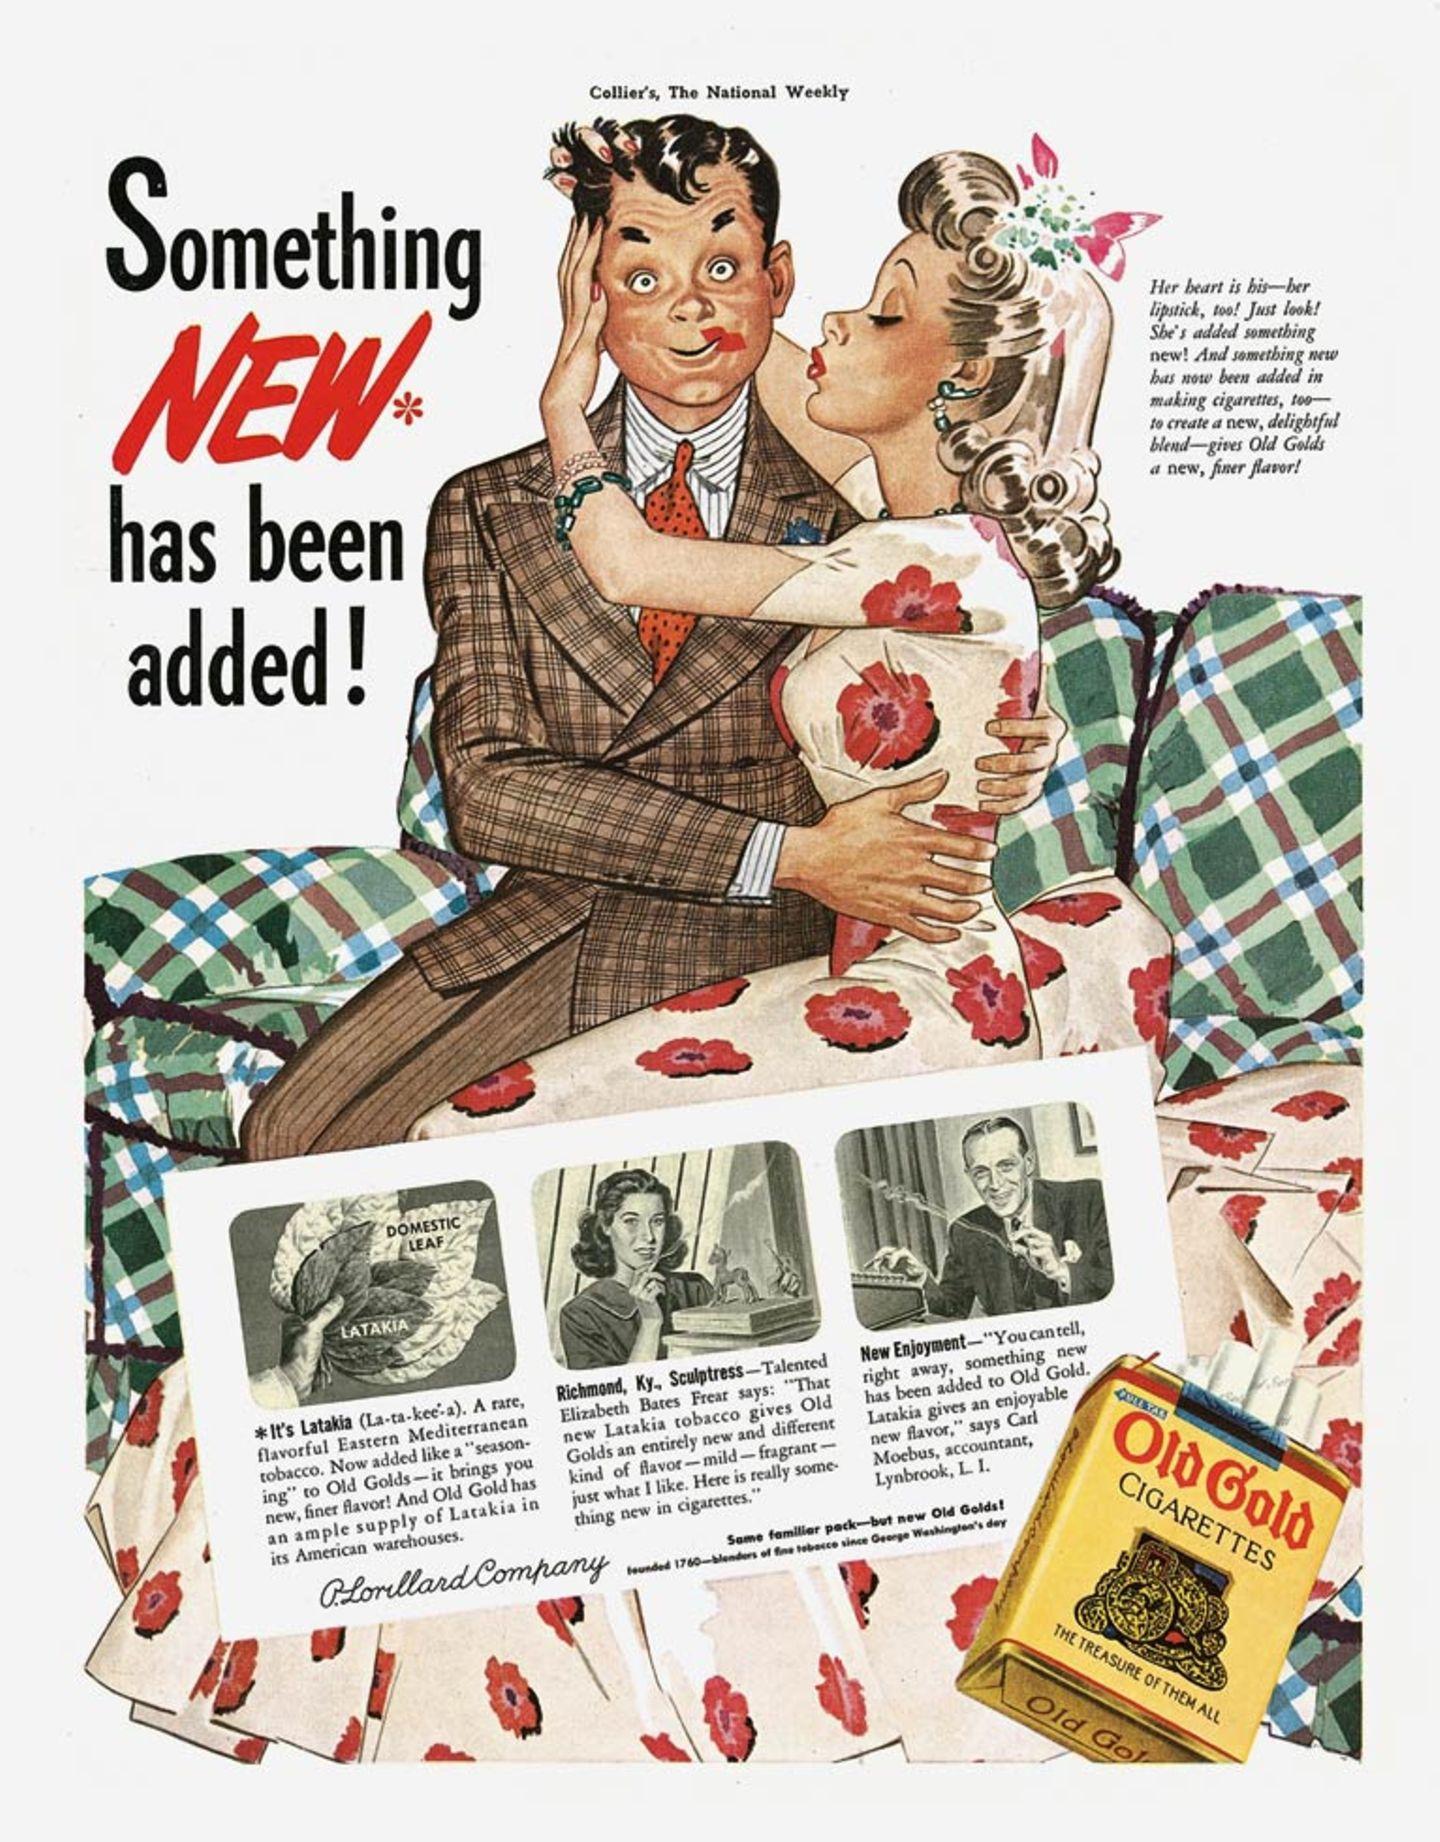 Zigaretten machen sexy. So sah man es in den 40er Jahren und noch lange später. Und so stellt es auch die Werbung für Old Gold Cigarettes aus dem Jahr 1941 dar.